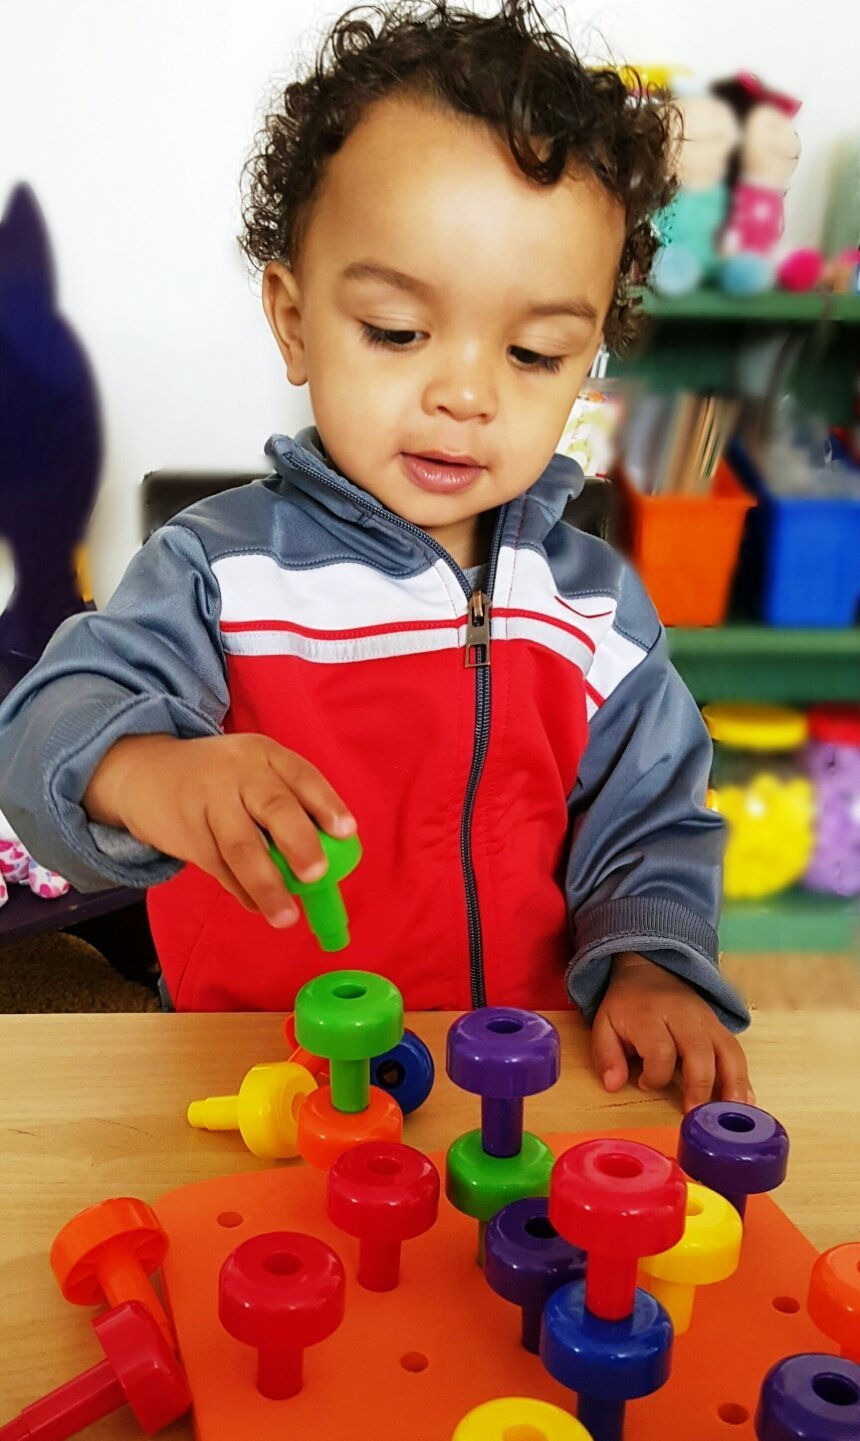 A Trier Et A Compter Activites Manuelles Pour Enfants Jeux Educatif 3 Ans Jouet Enfant 2 Ans Garantie 30 Jours Ou Rembours Jeux De Construction Montessori